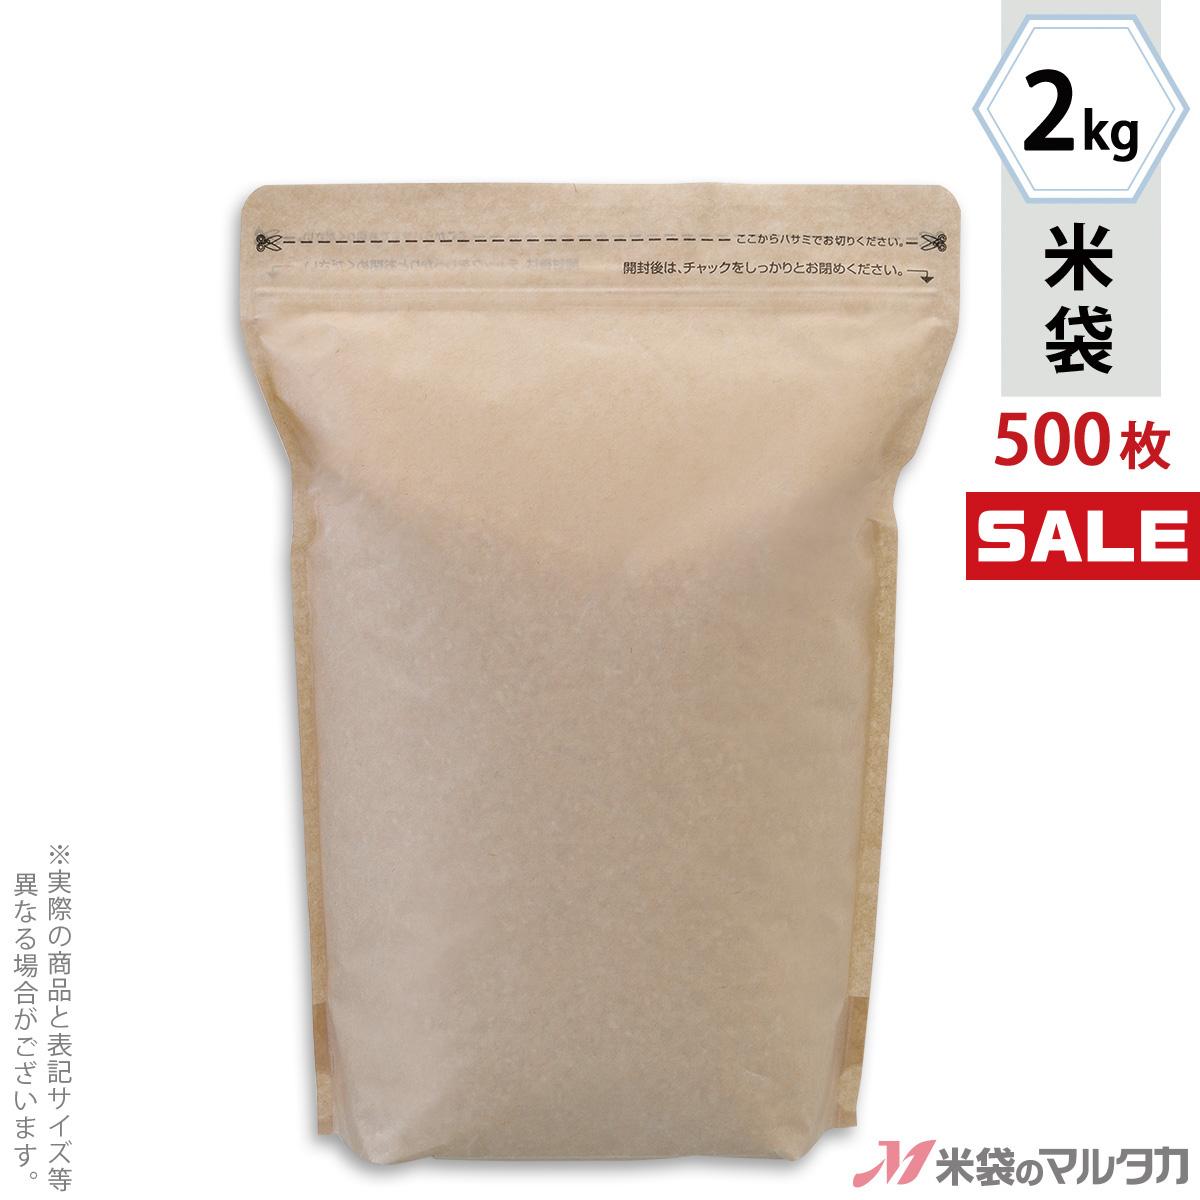 <キャンペーン対応>米袋 クラフト タイトチャック袋 無地 2kg 1ケース(500枚入) TTC-200